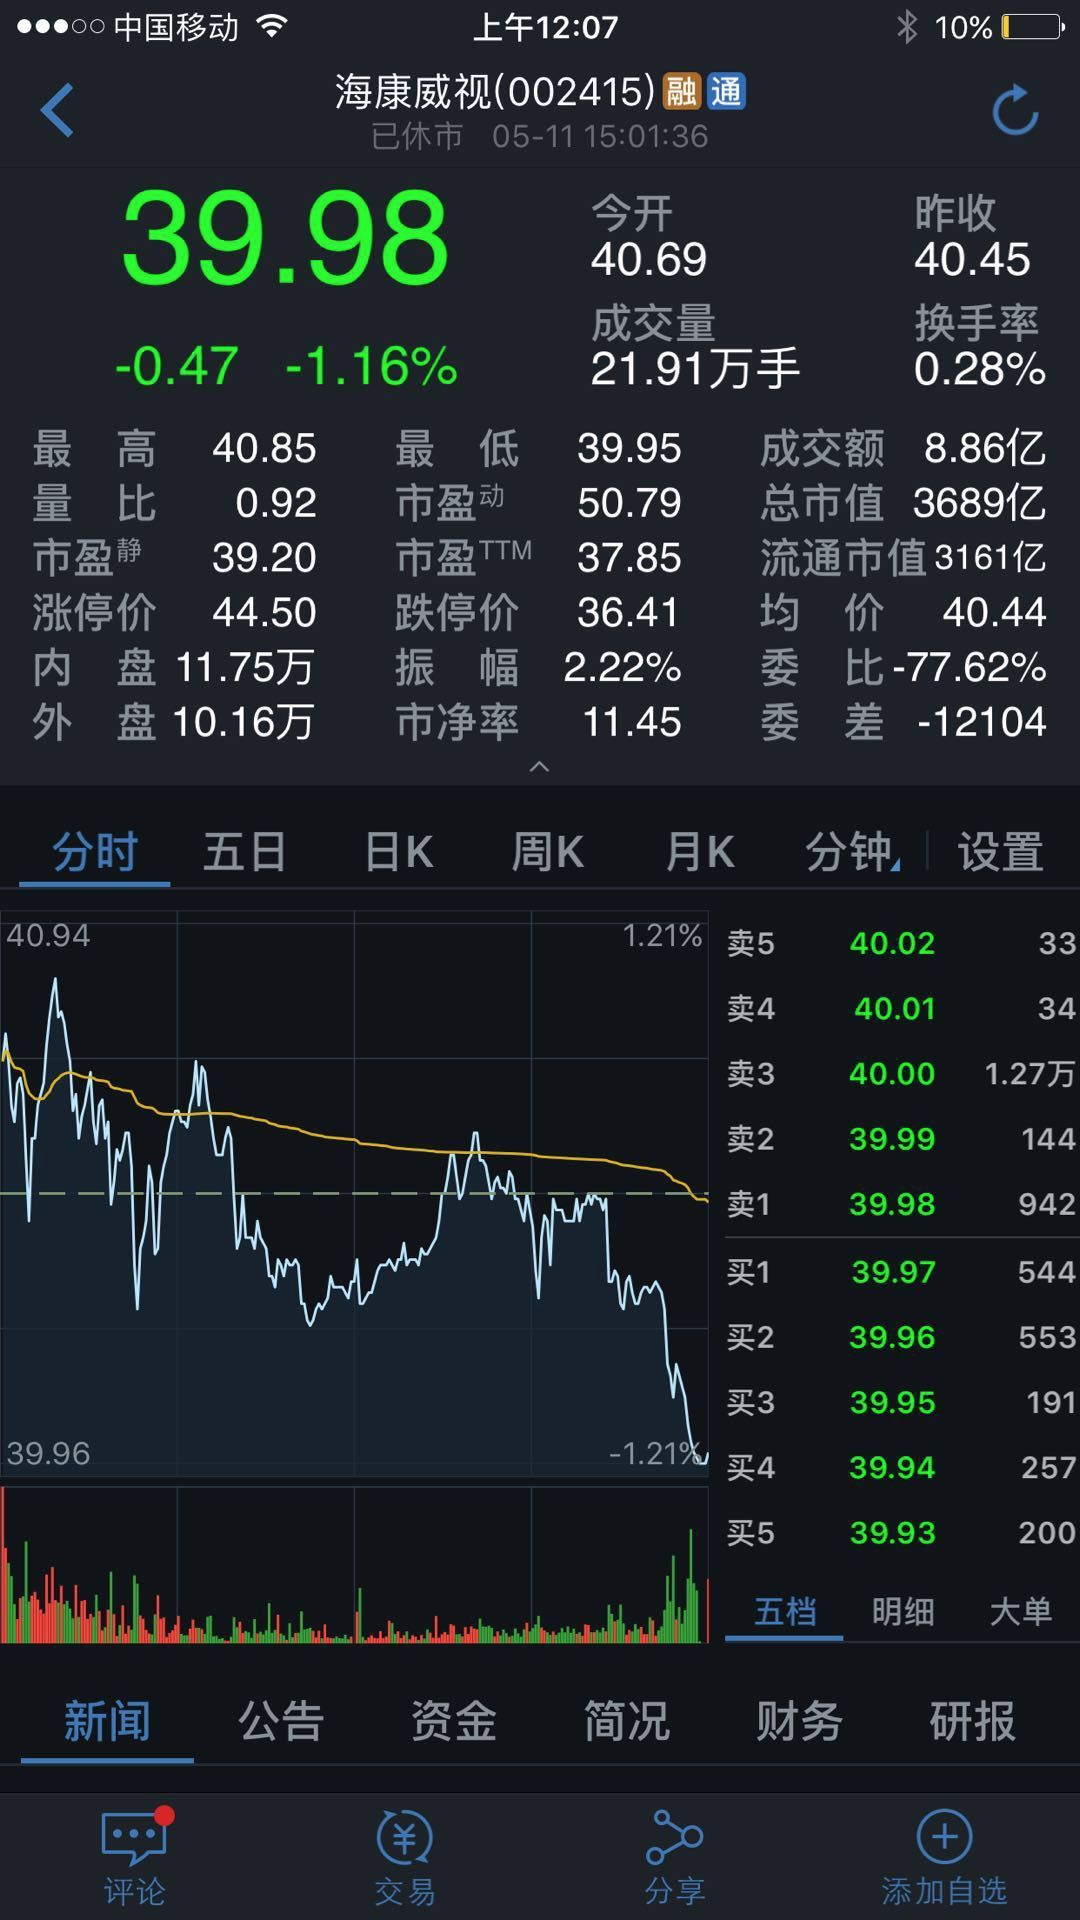 富士康IPO折射制造业的一声叹息:体量很大,增速不高